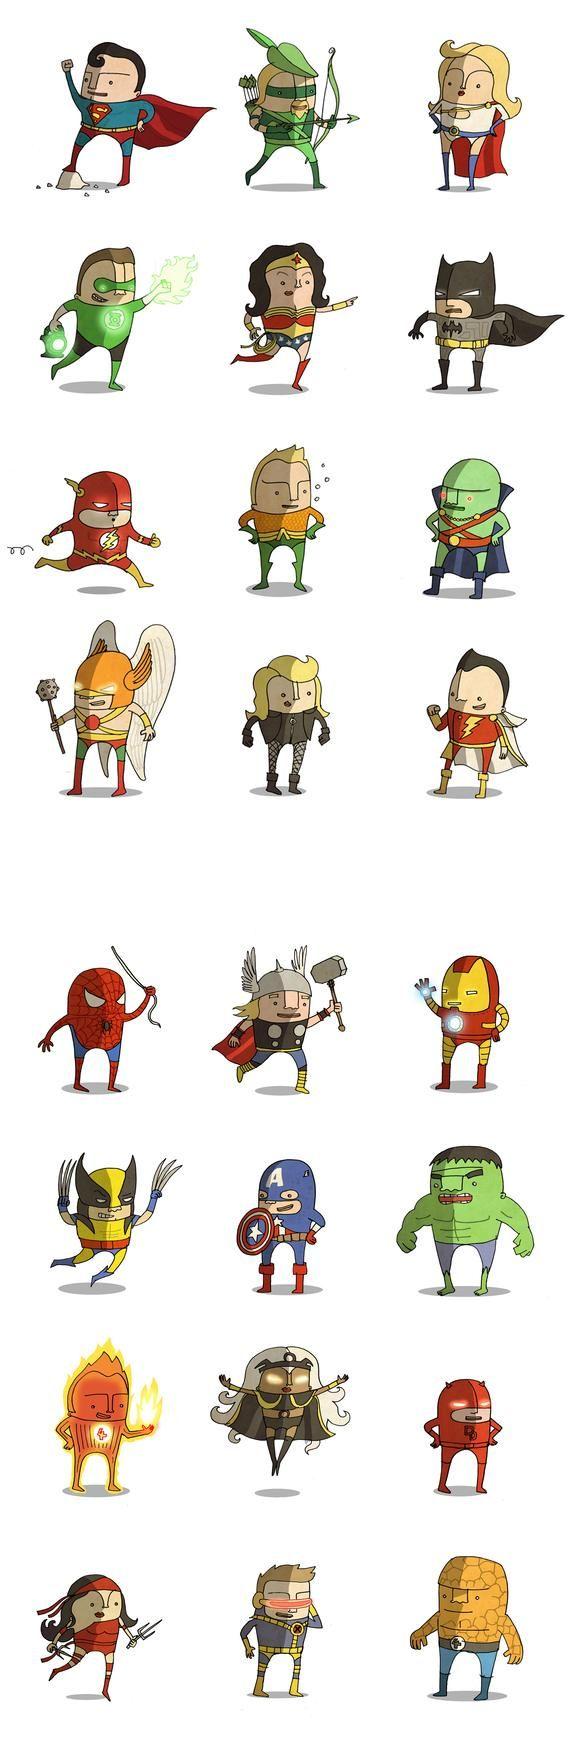 Super Y Cartoon Characters : Graciosas mini caricaturas de superhéroes marvel y dc